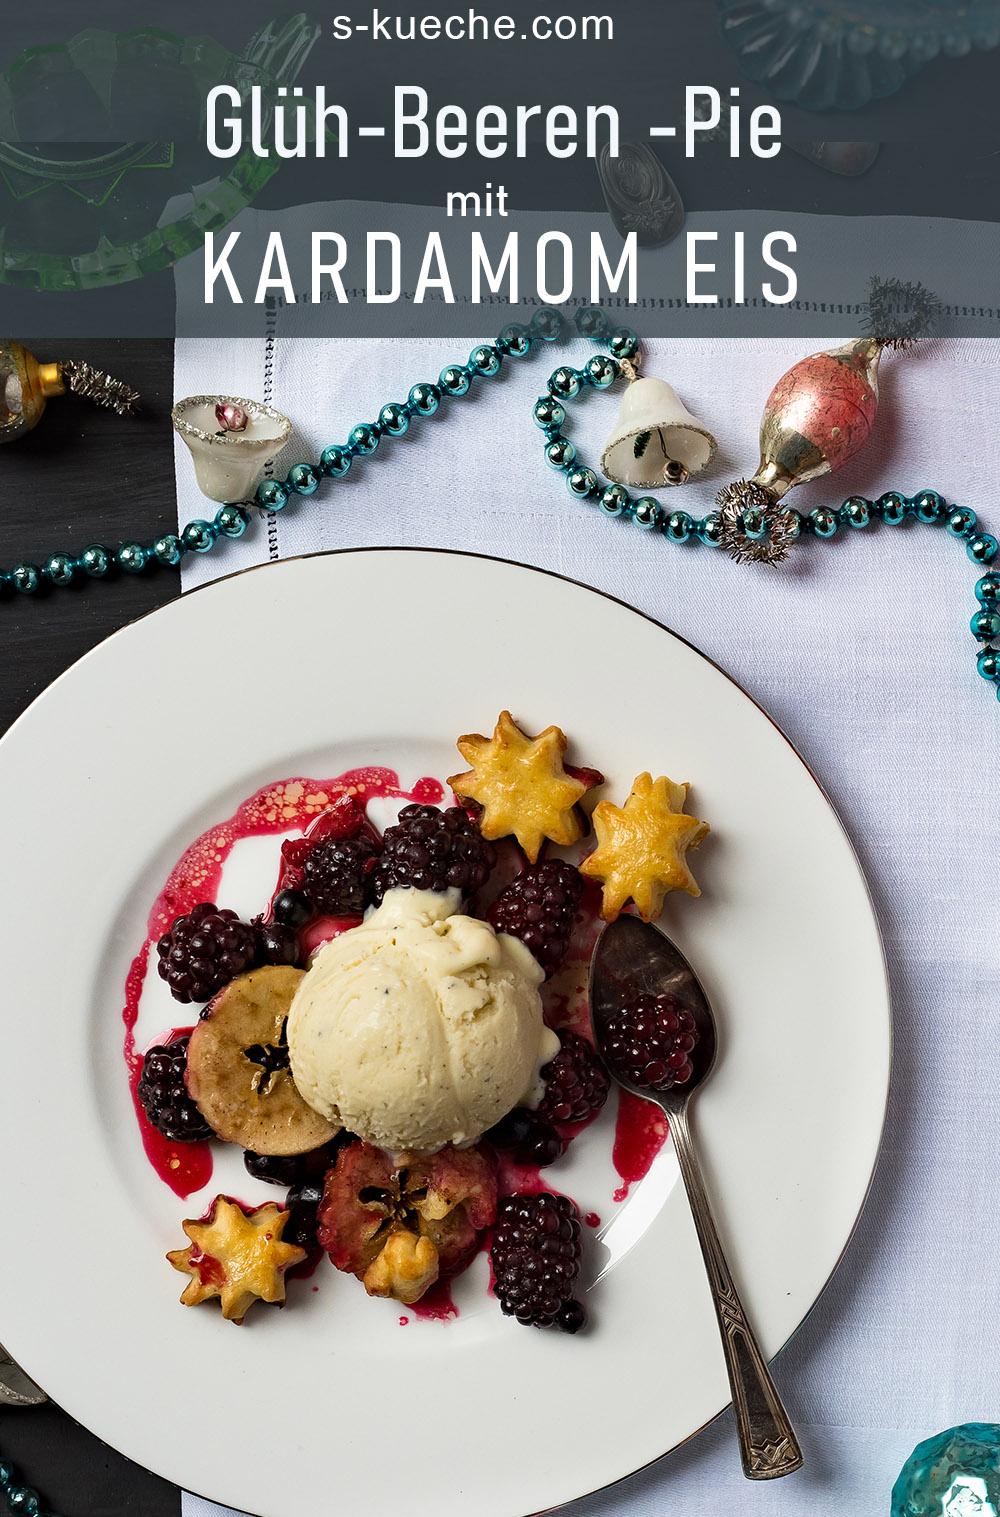 Glüh-Beeren-Pie mit Kardamom Eis. Rezept für festliches Dessert mit Glühwein Aroma. Auf warmen Beeren schmilzt köstliche Eiscreme #dessert #rezept #weihnachten #kardamom #glühwein